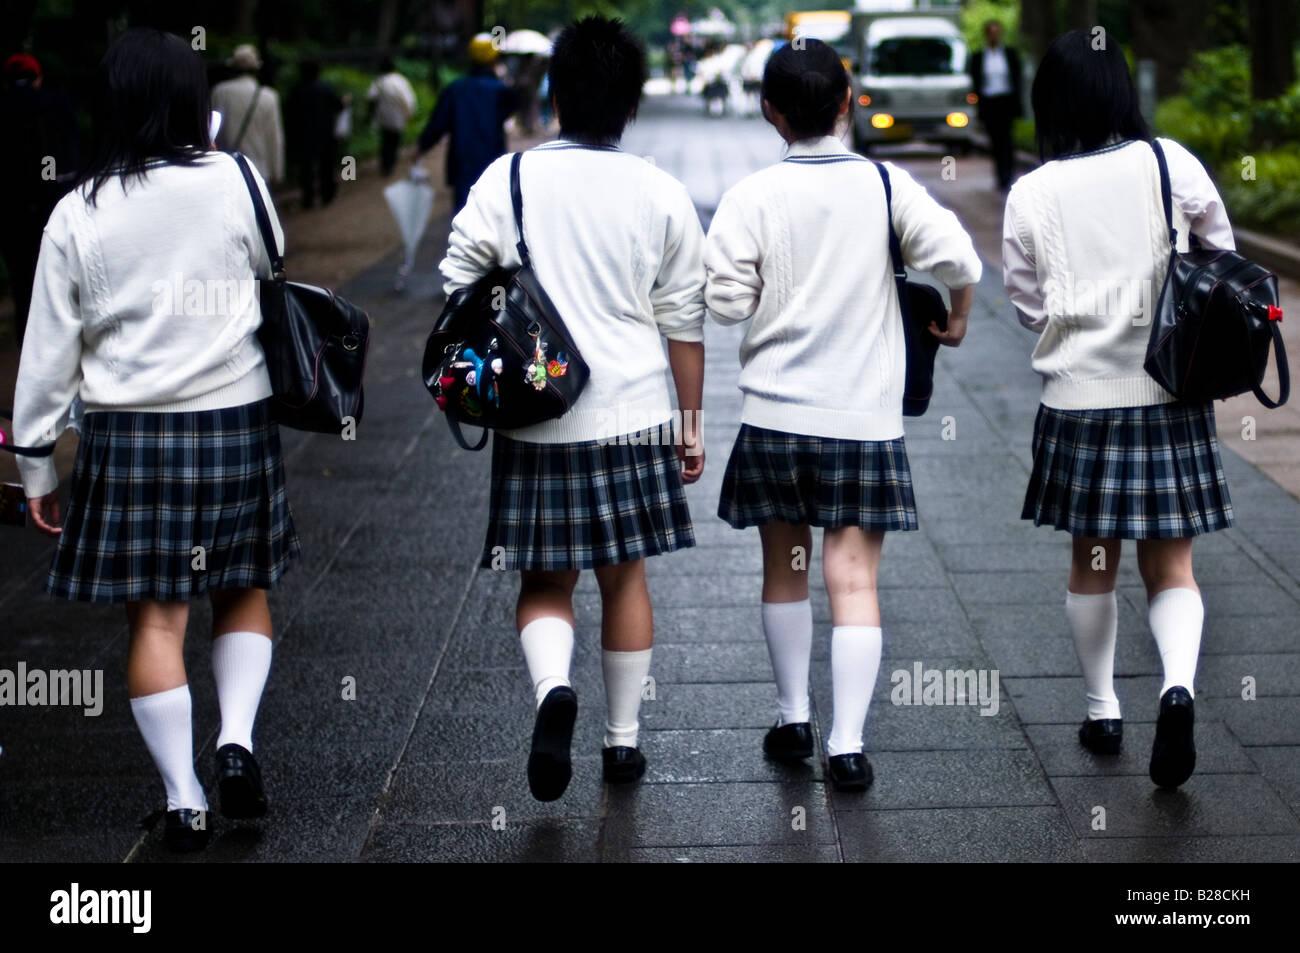 Uniformed Girls Japanese